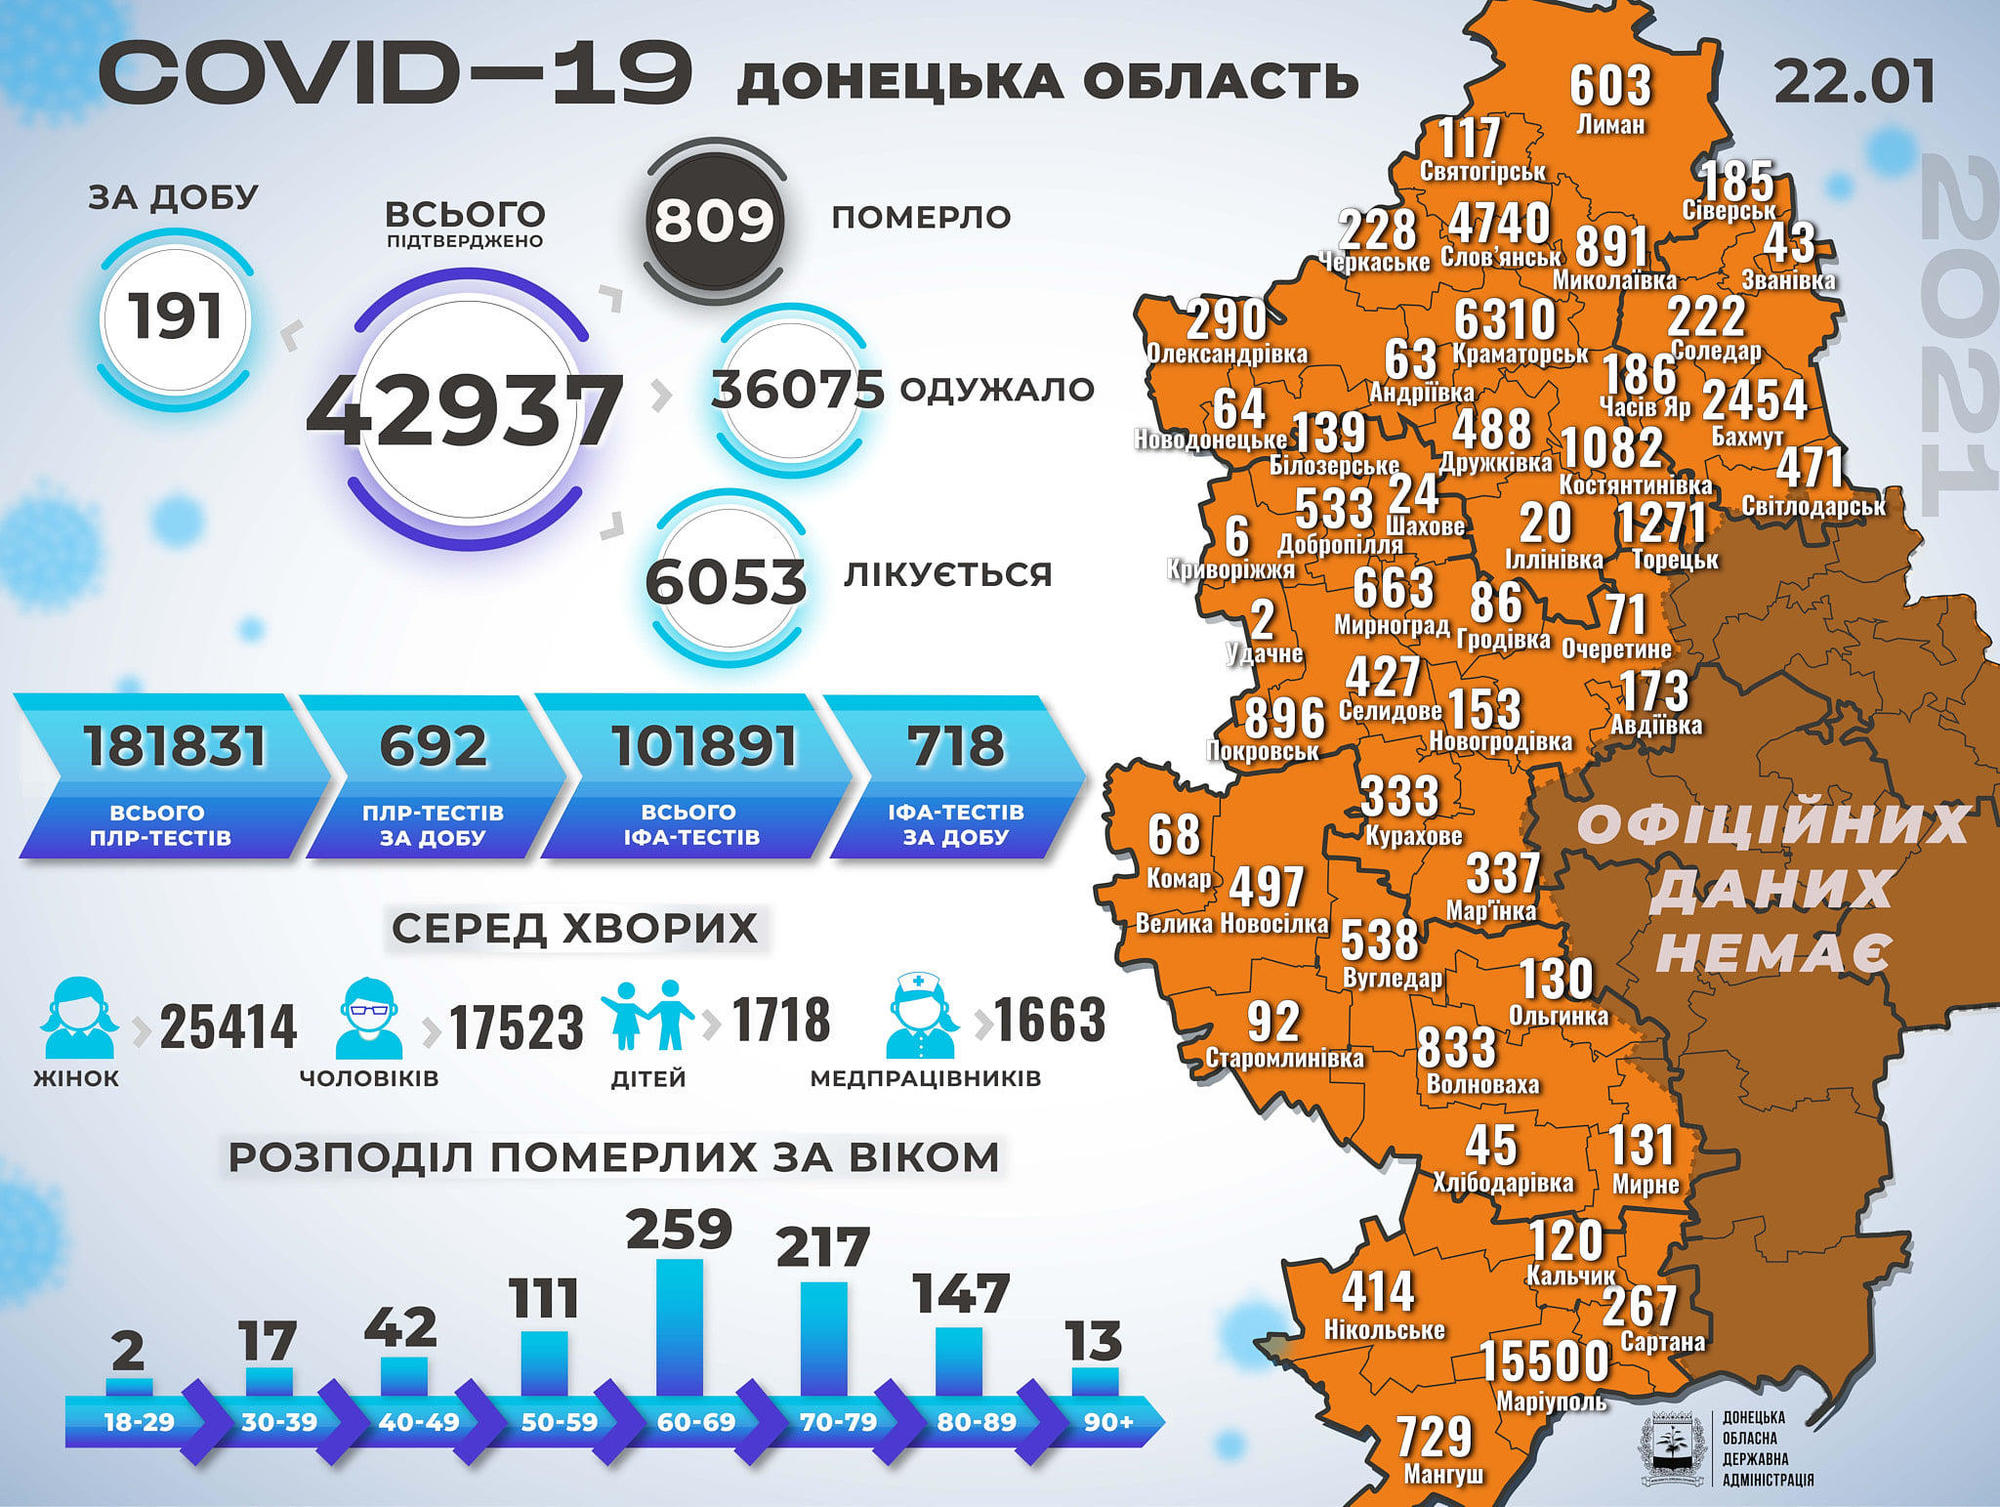 Статистика коронавируса в Донецкой области по состоянию на 23 января